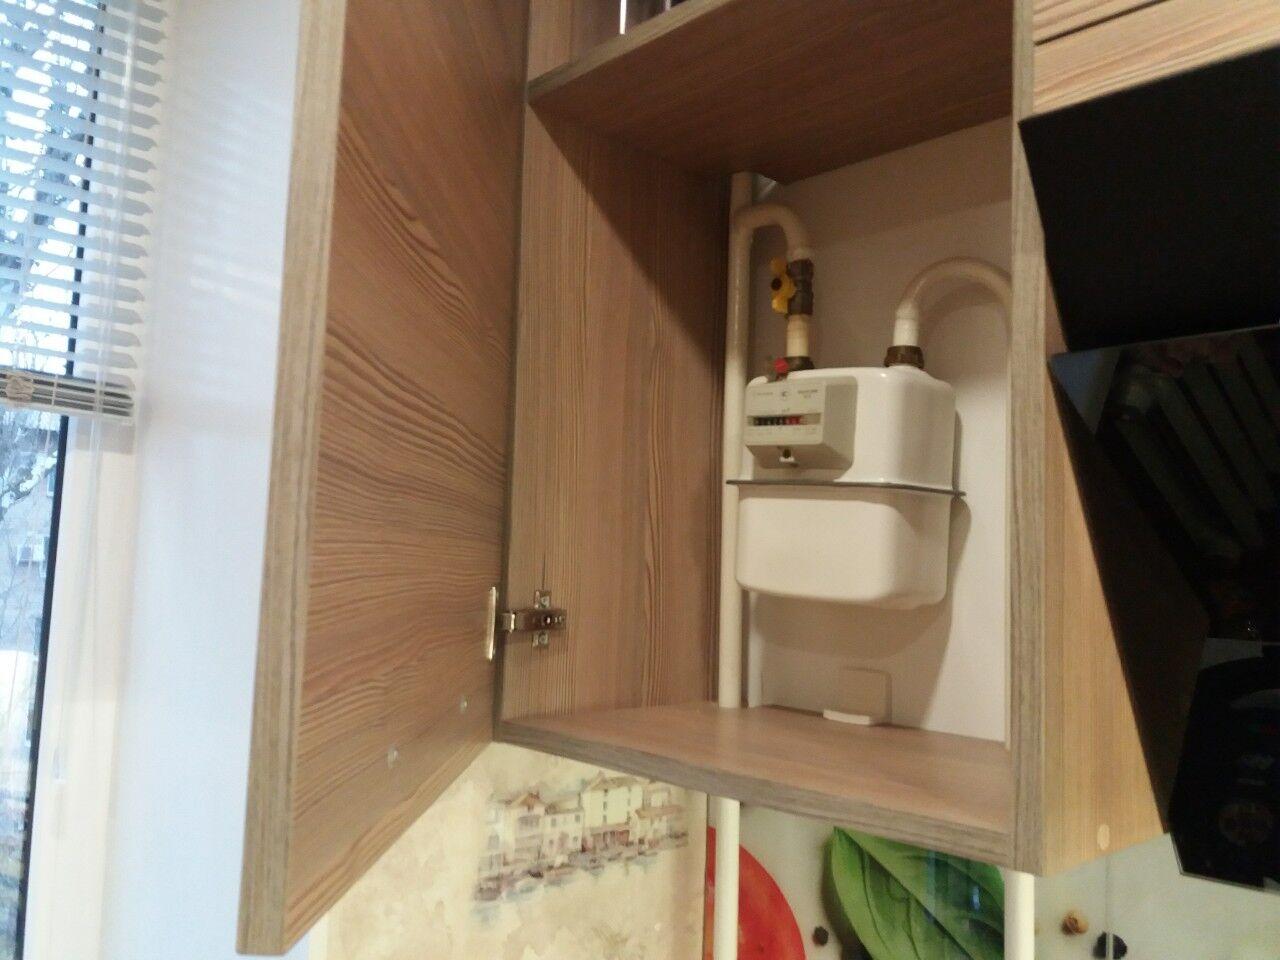 куда спрятать газовый счетчик на кухне фото расширение территории